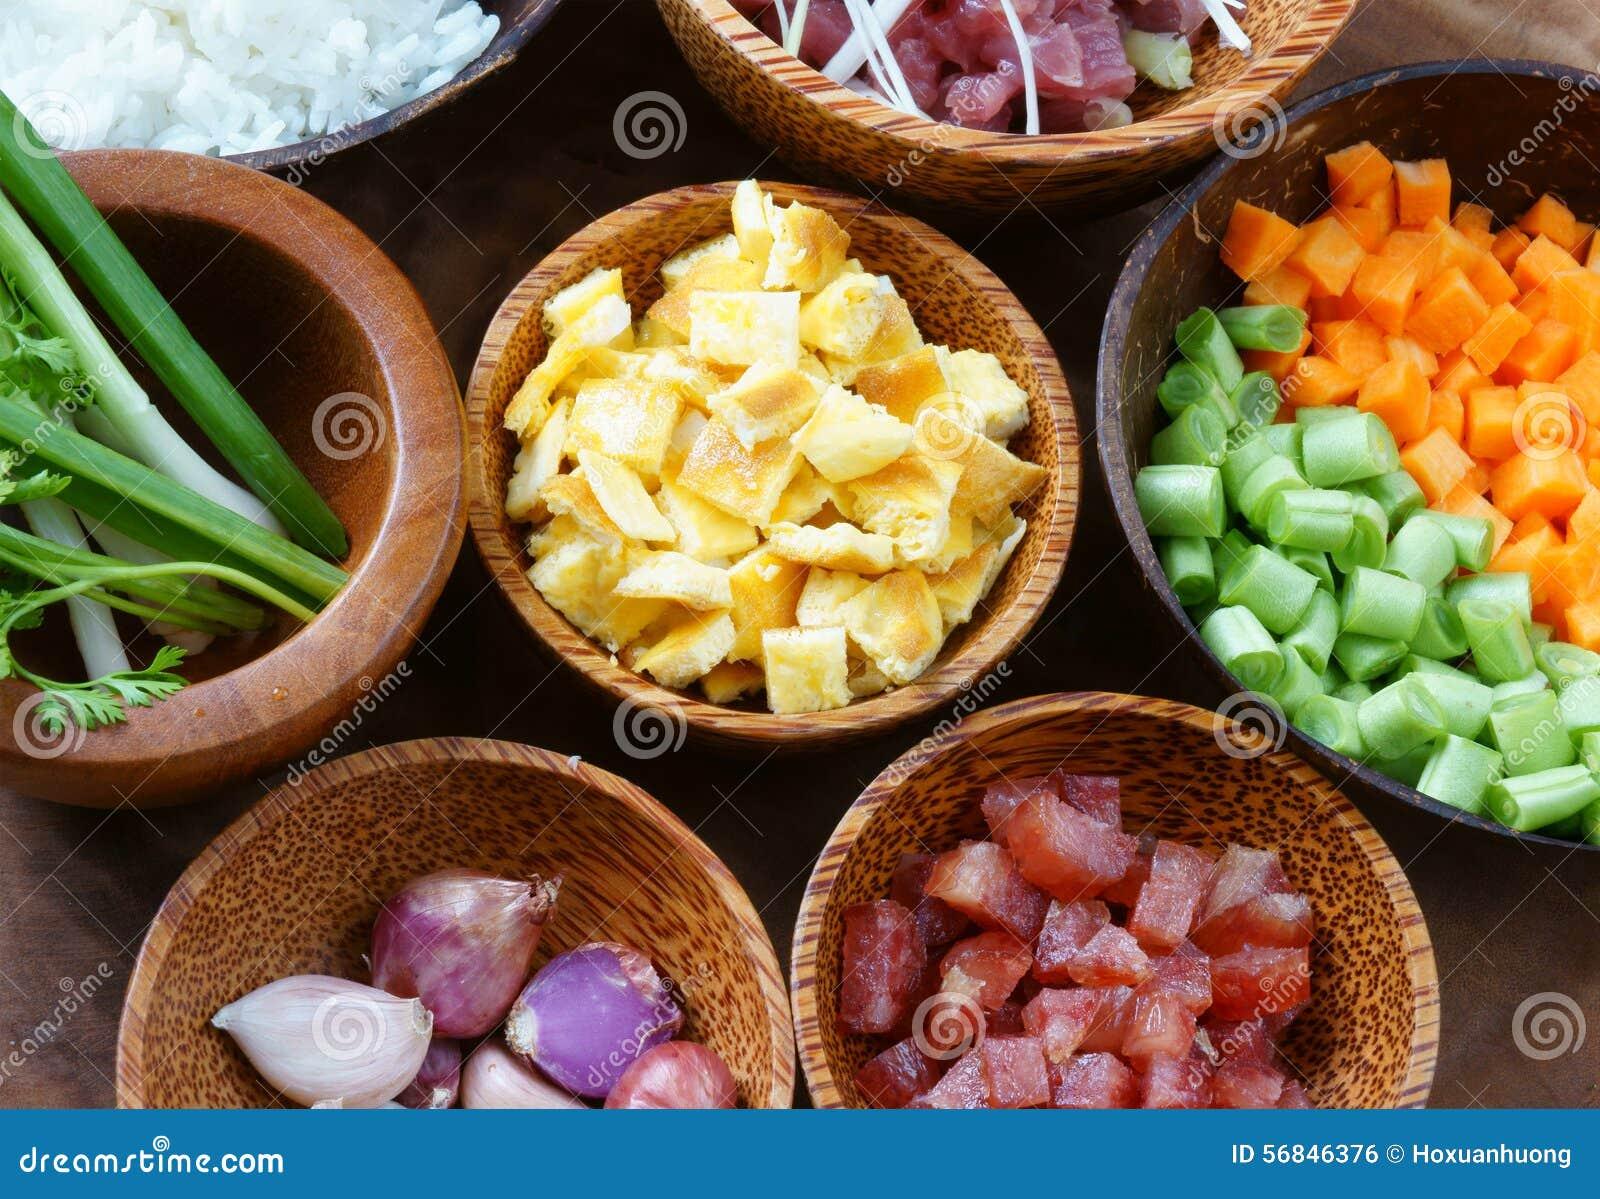 vietnamesisches lebensmittel gebratener reis asiatisches essen stockfoto bild von nahrung. Black Bedroom Furniture Sets. Home Design Ideas